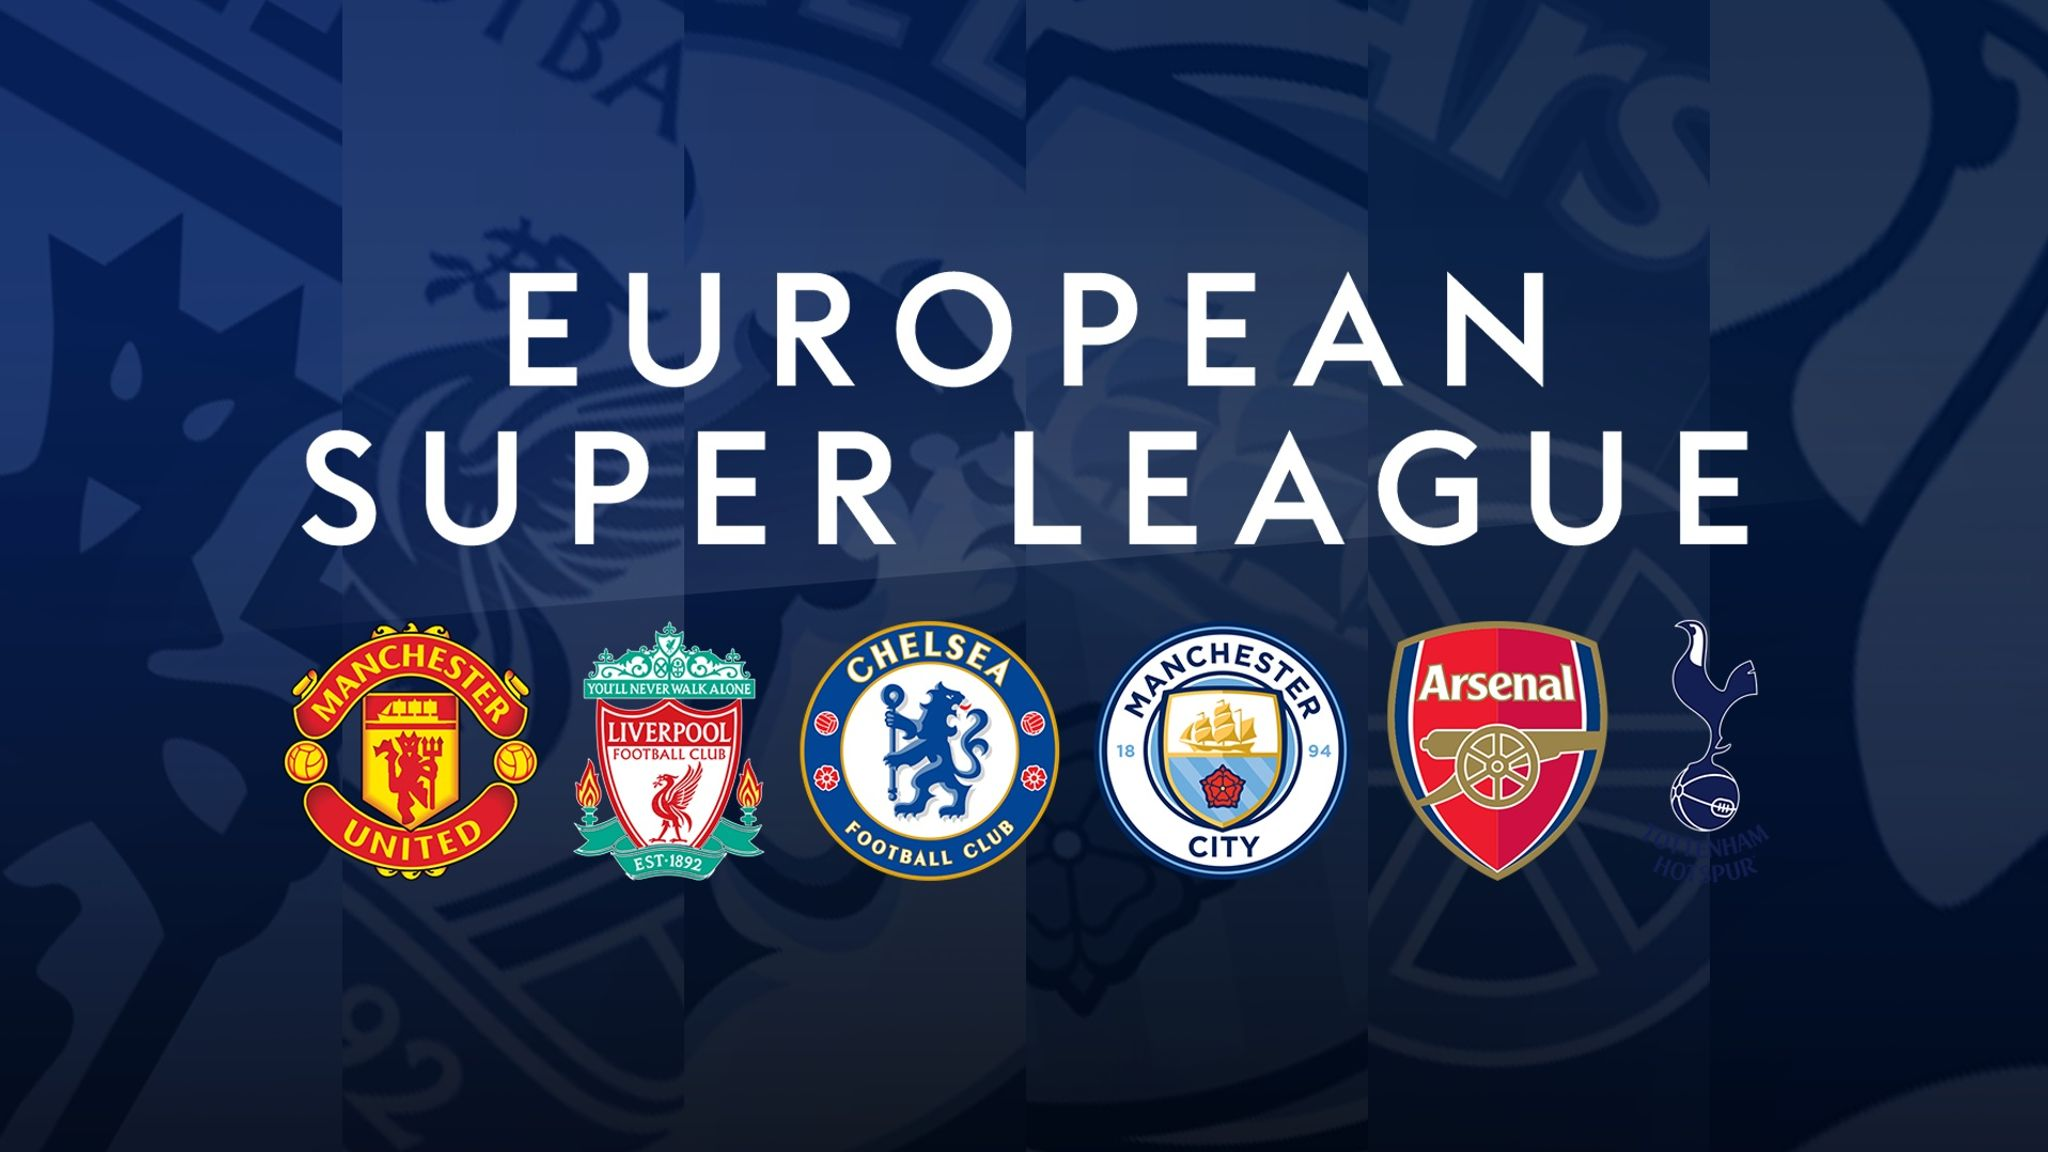 Superliga Europei se vrea a fi o competiție modernă